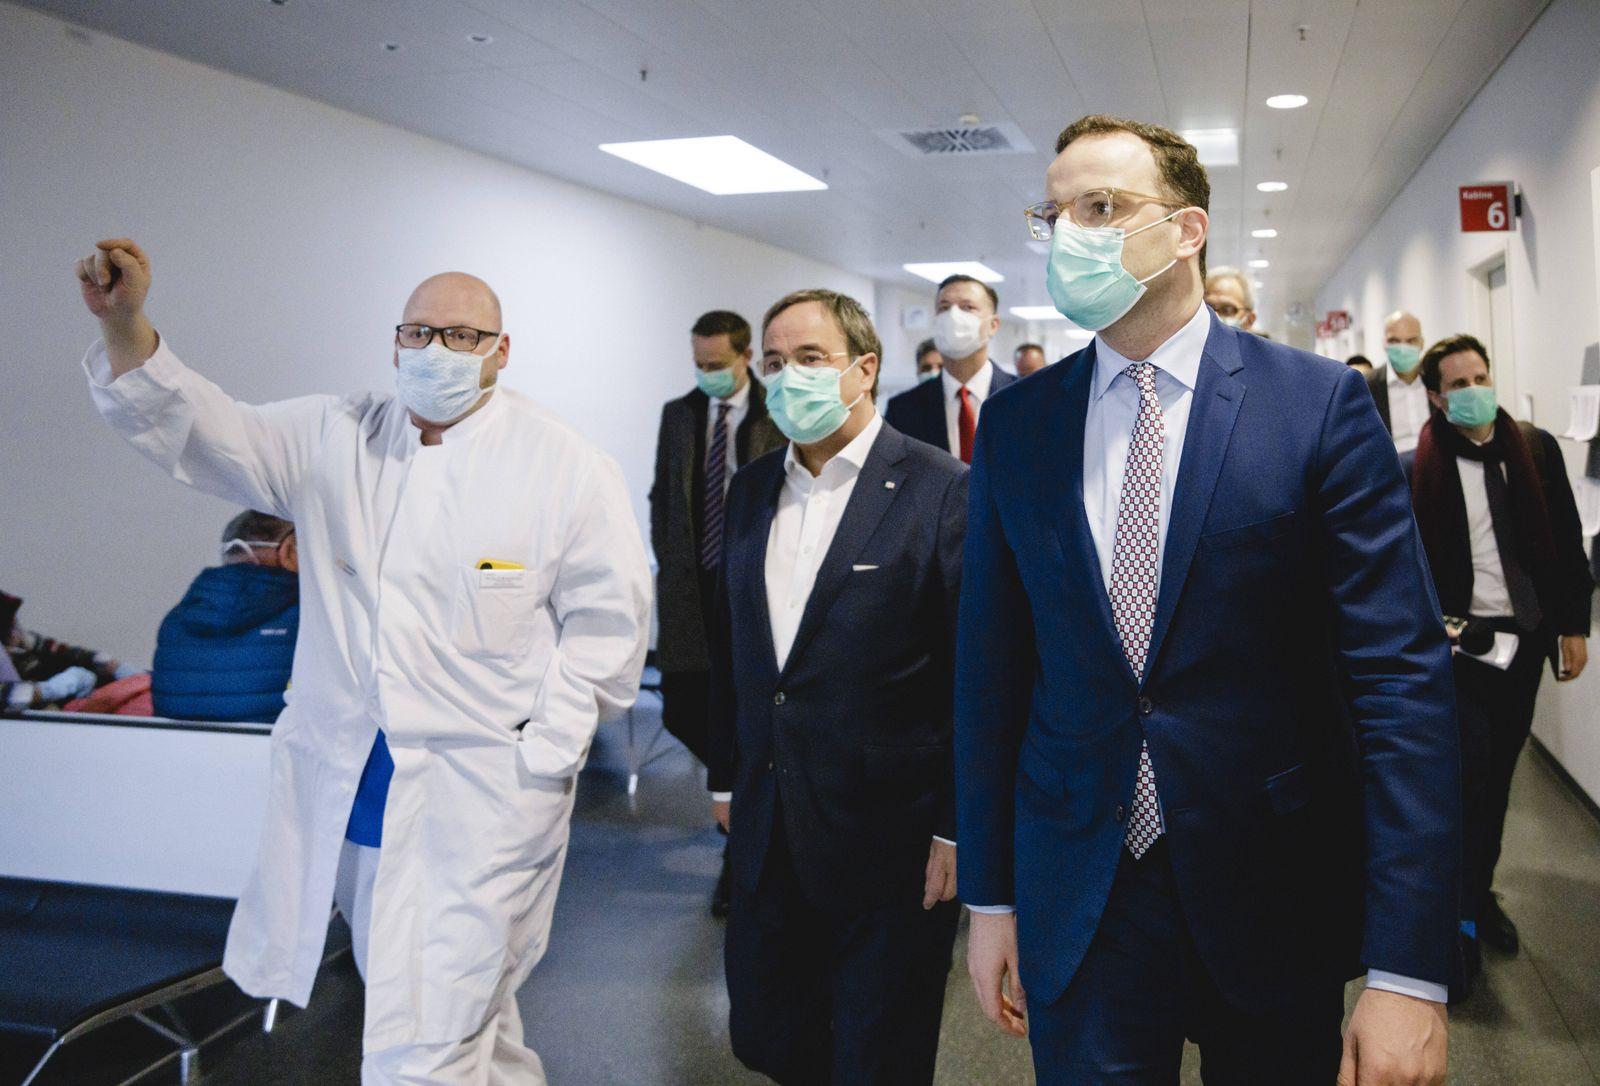 Bundesgesundheitsminister Jens Spahn (CDU) im Rahmen eines Treffens mit medizinischem Personal und Studierenden der Uni